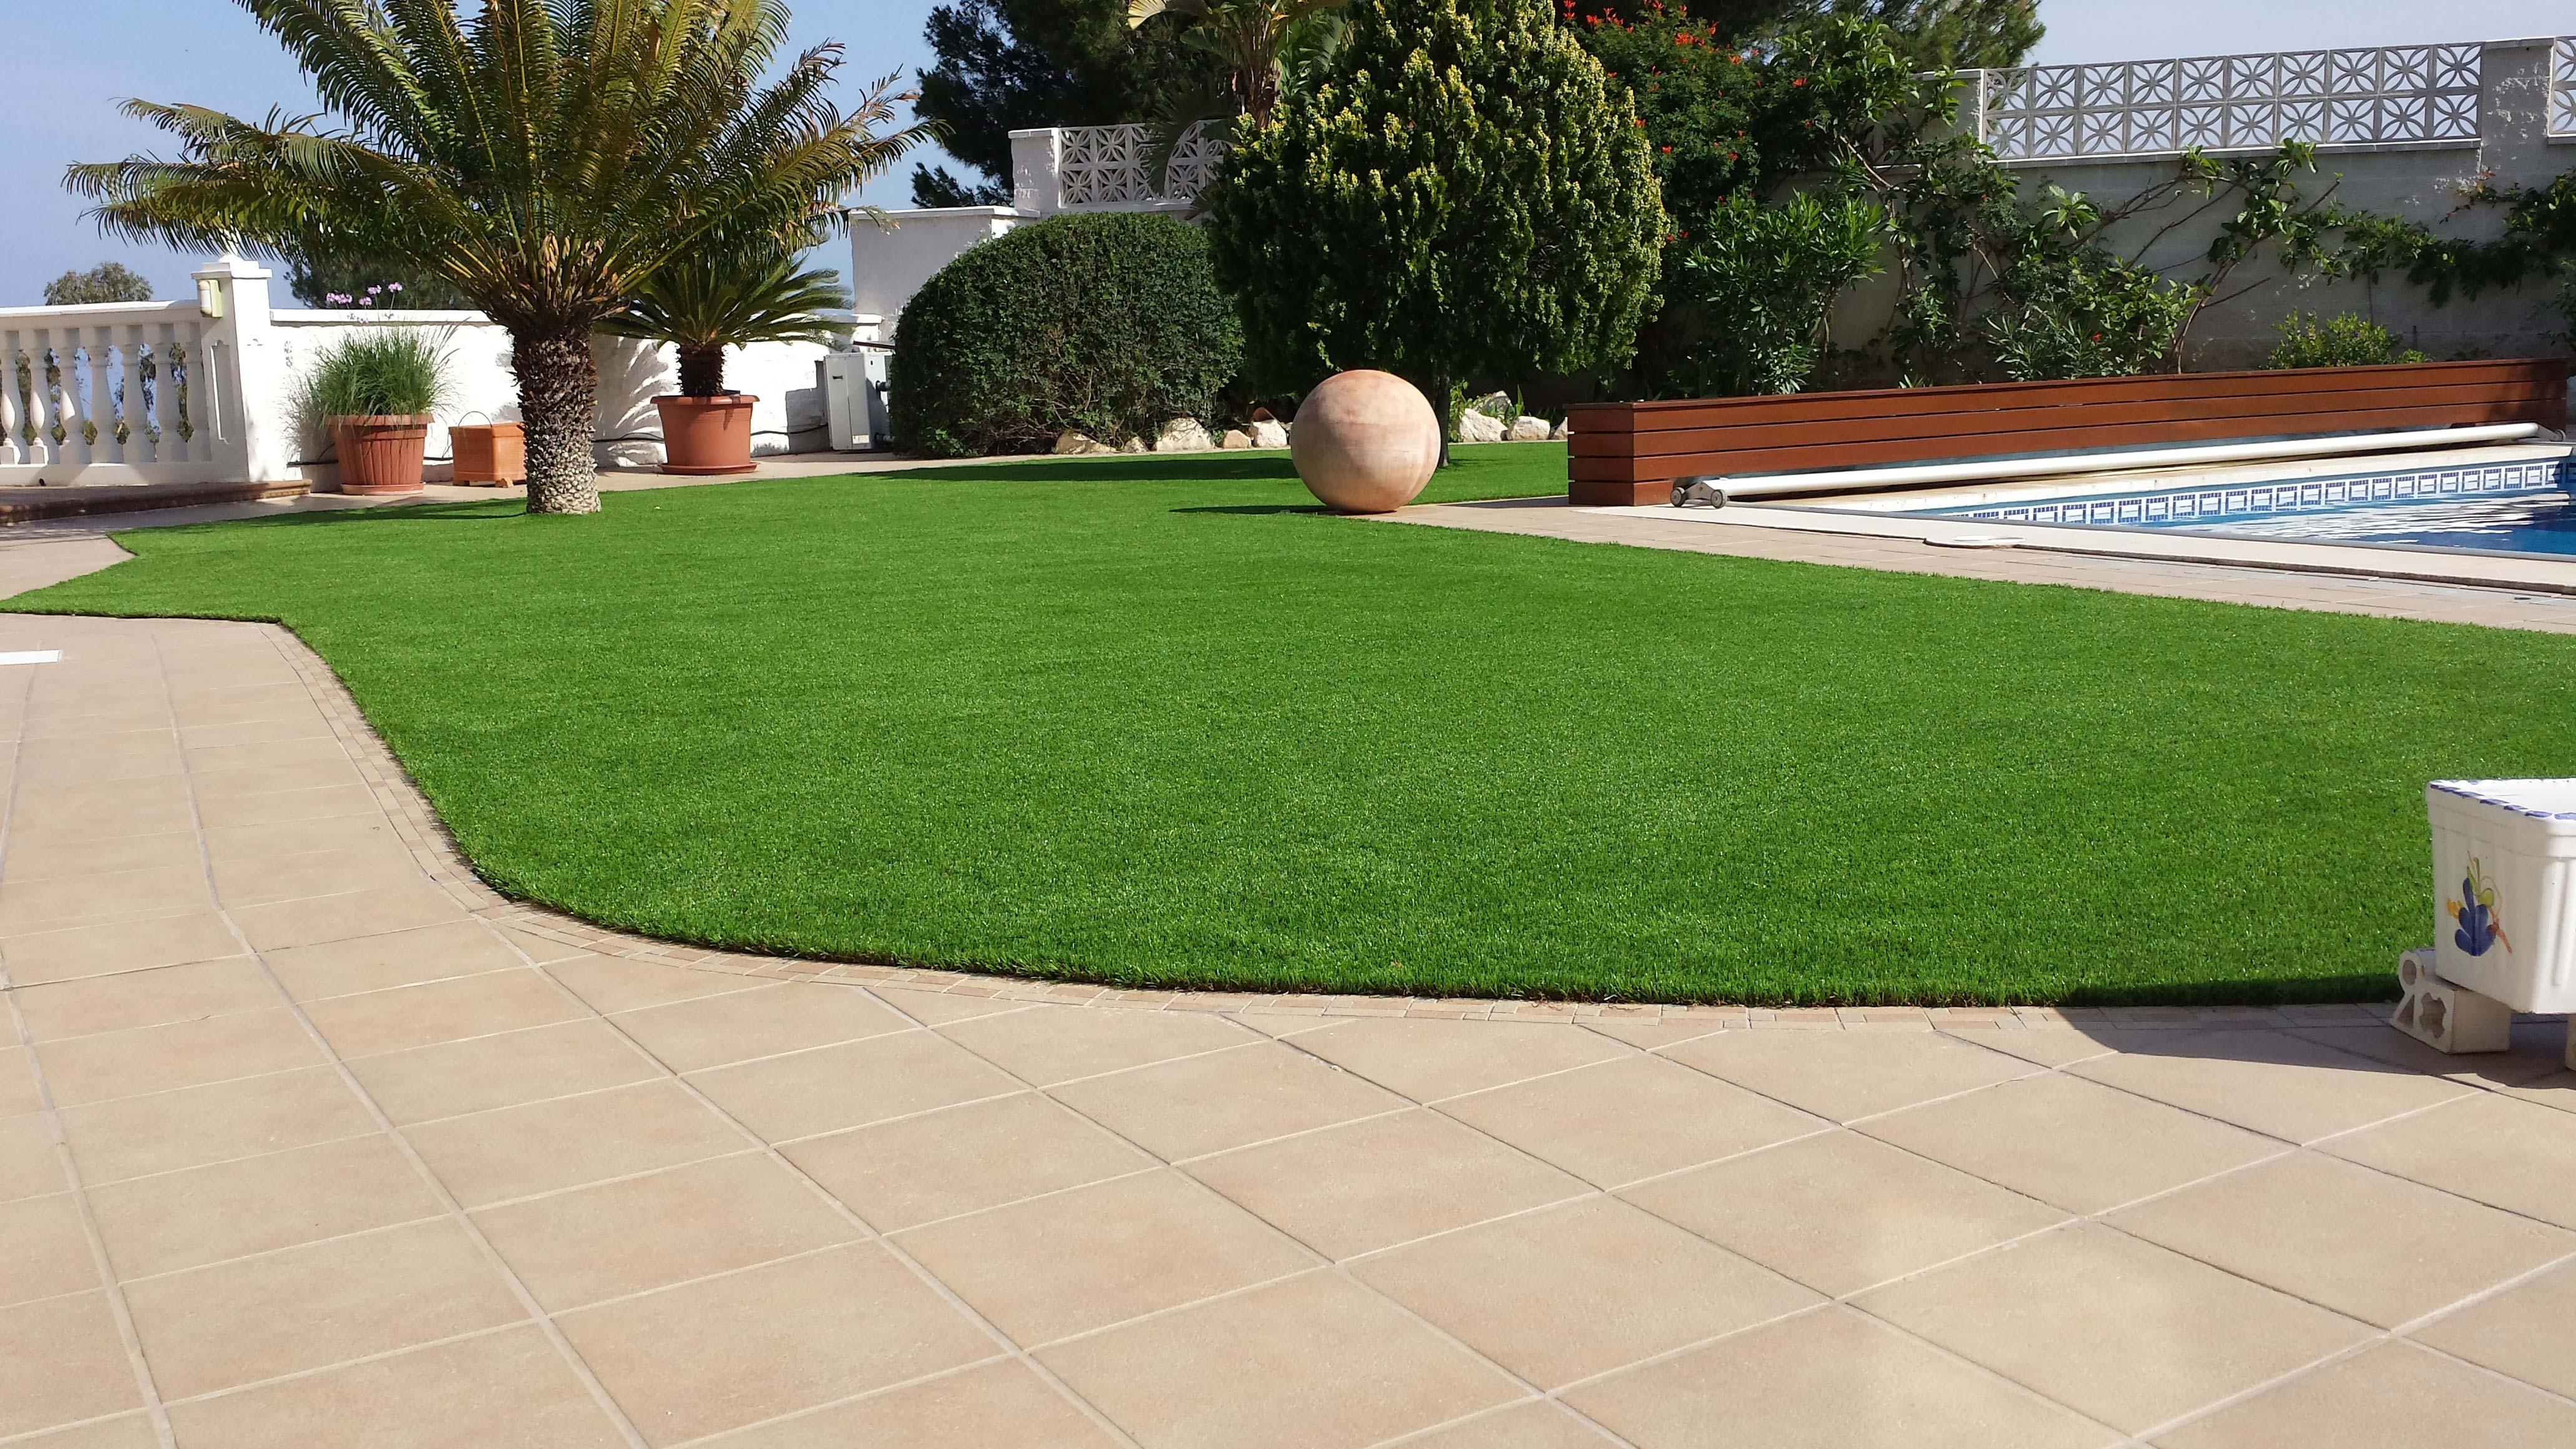 Consejos para conseguir una terraza con c sped artificial unicesped - Cesped artificial terraza ...